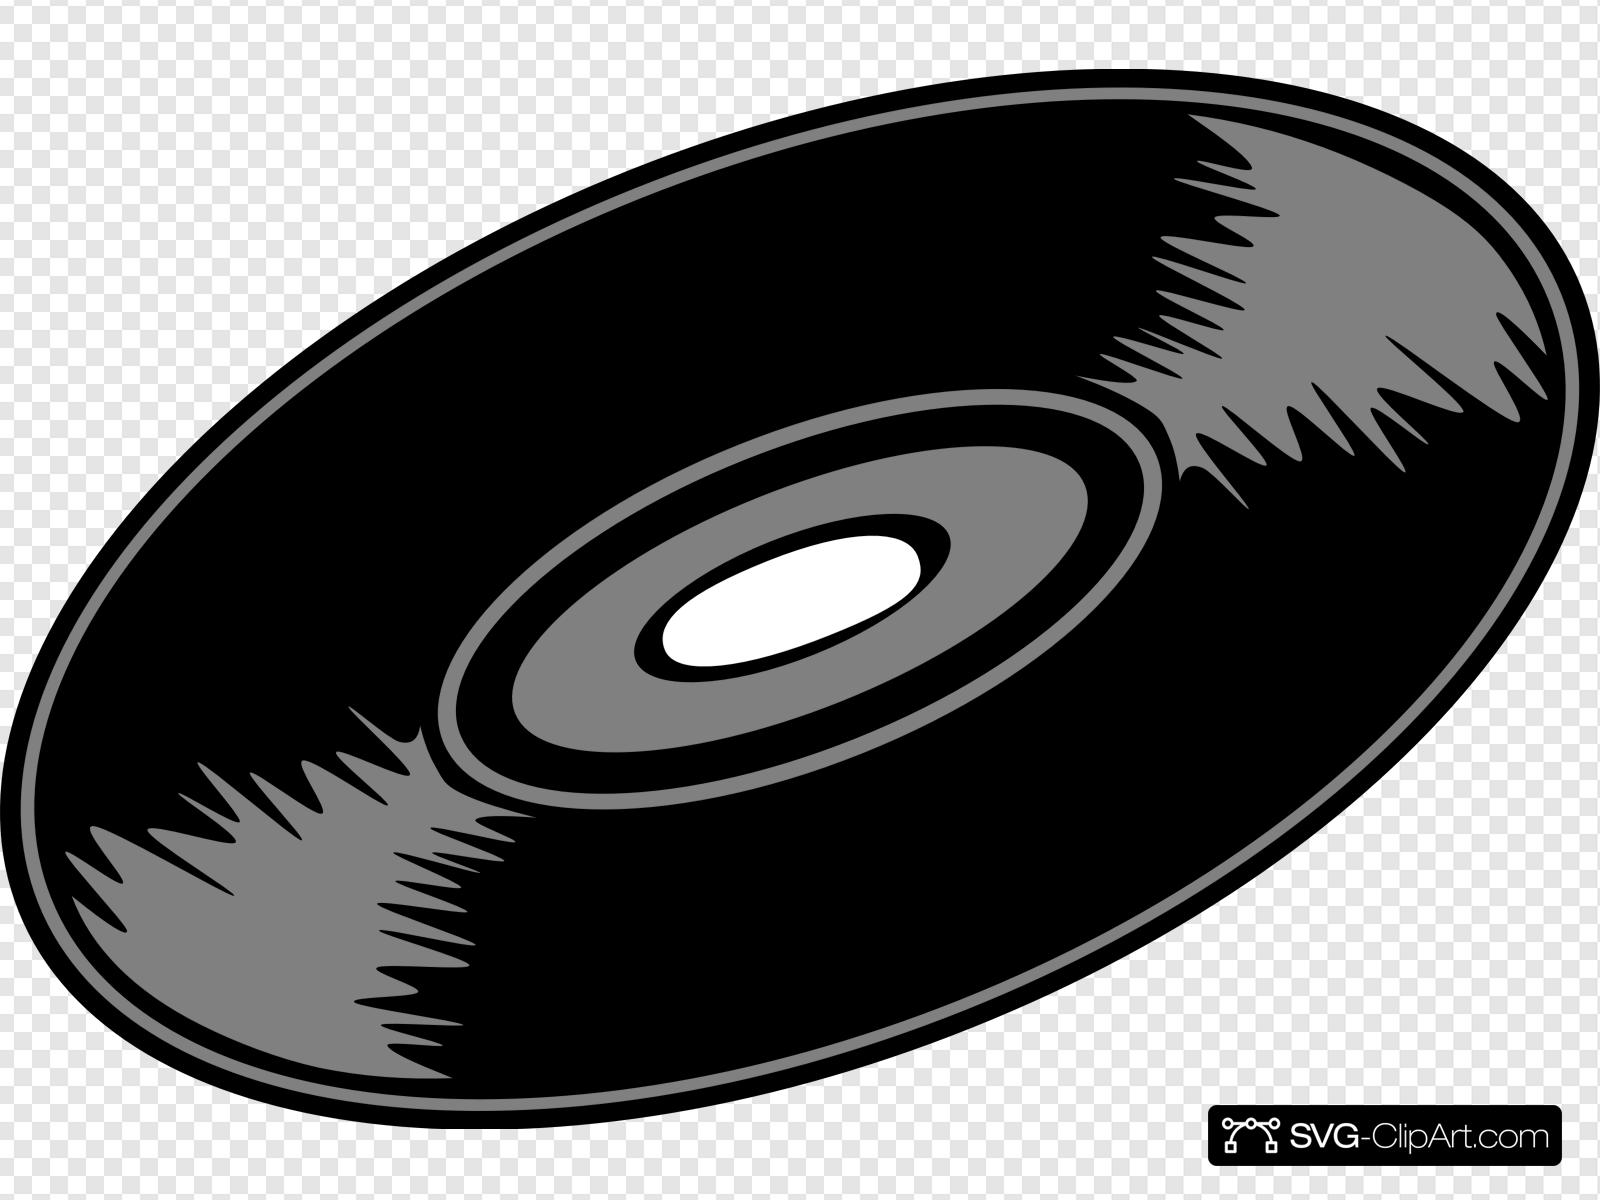 45 Rpm Record Clip art, Icon and SVG.